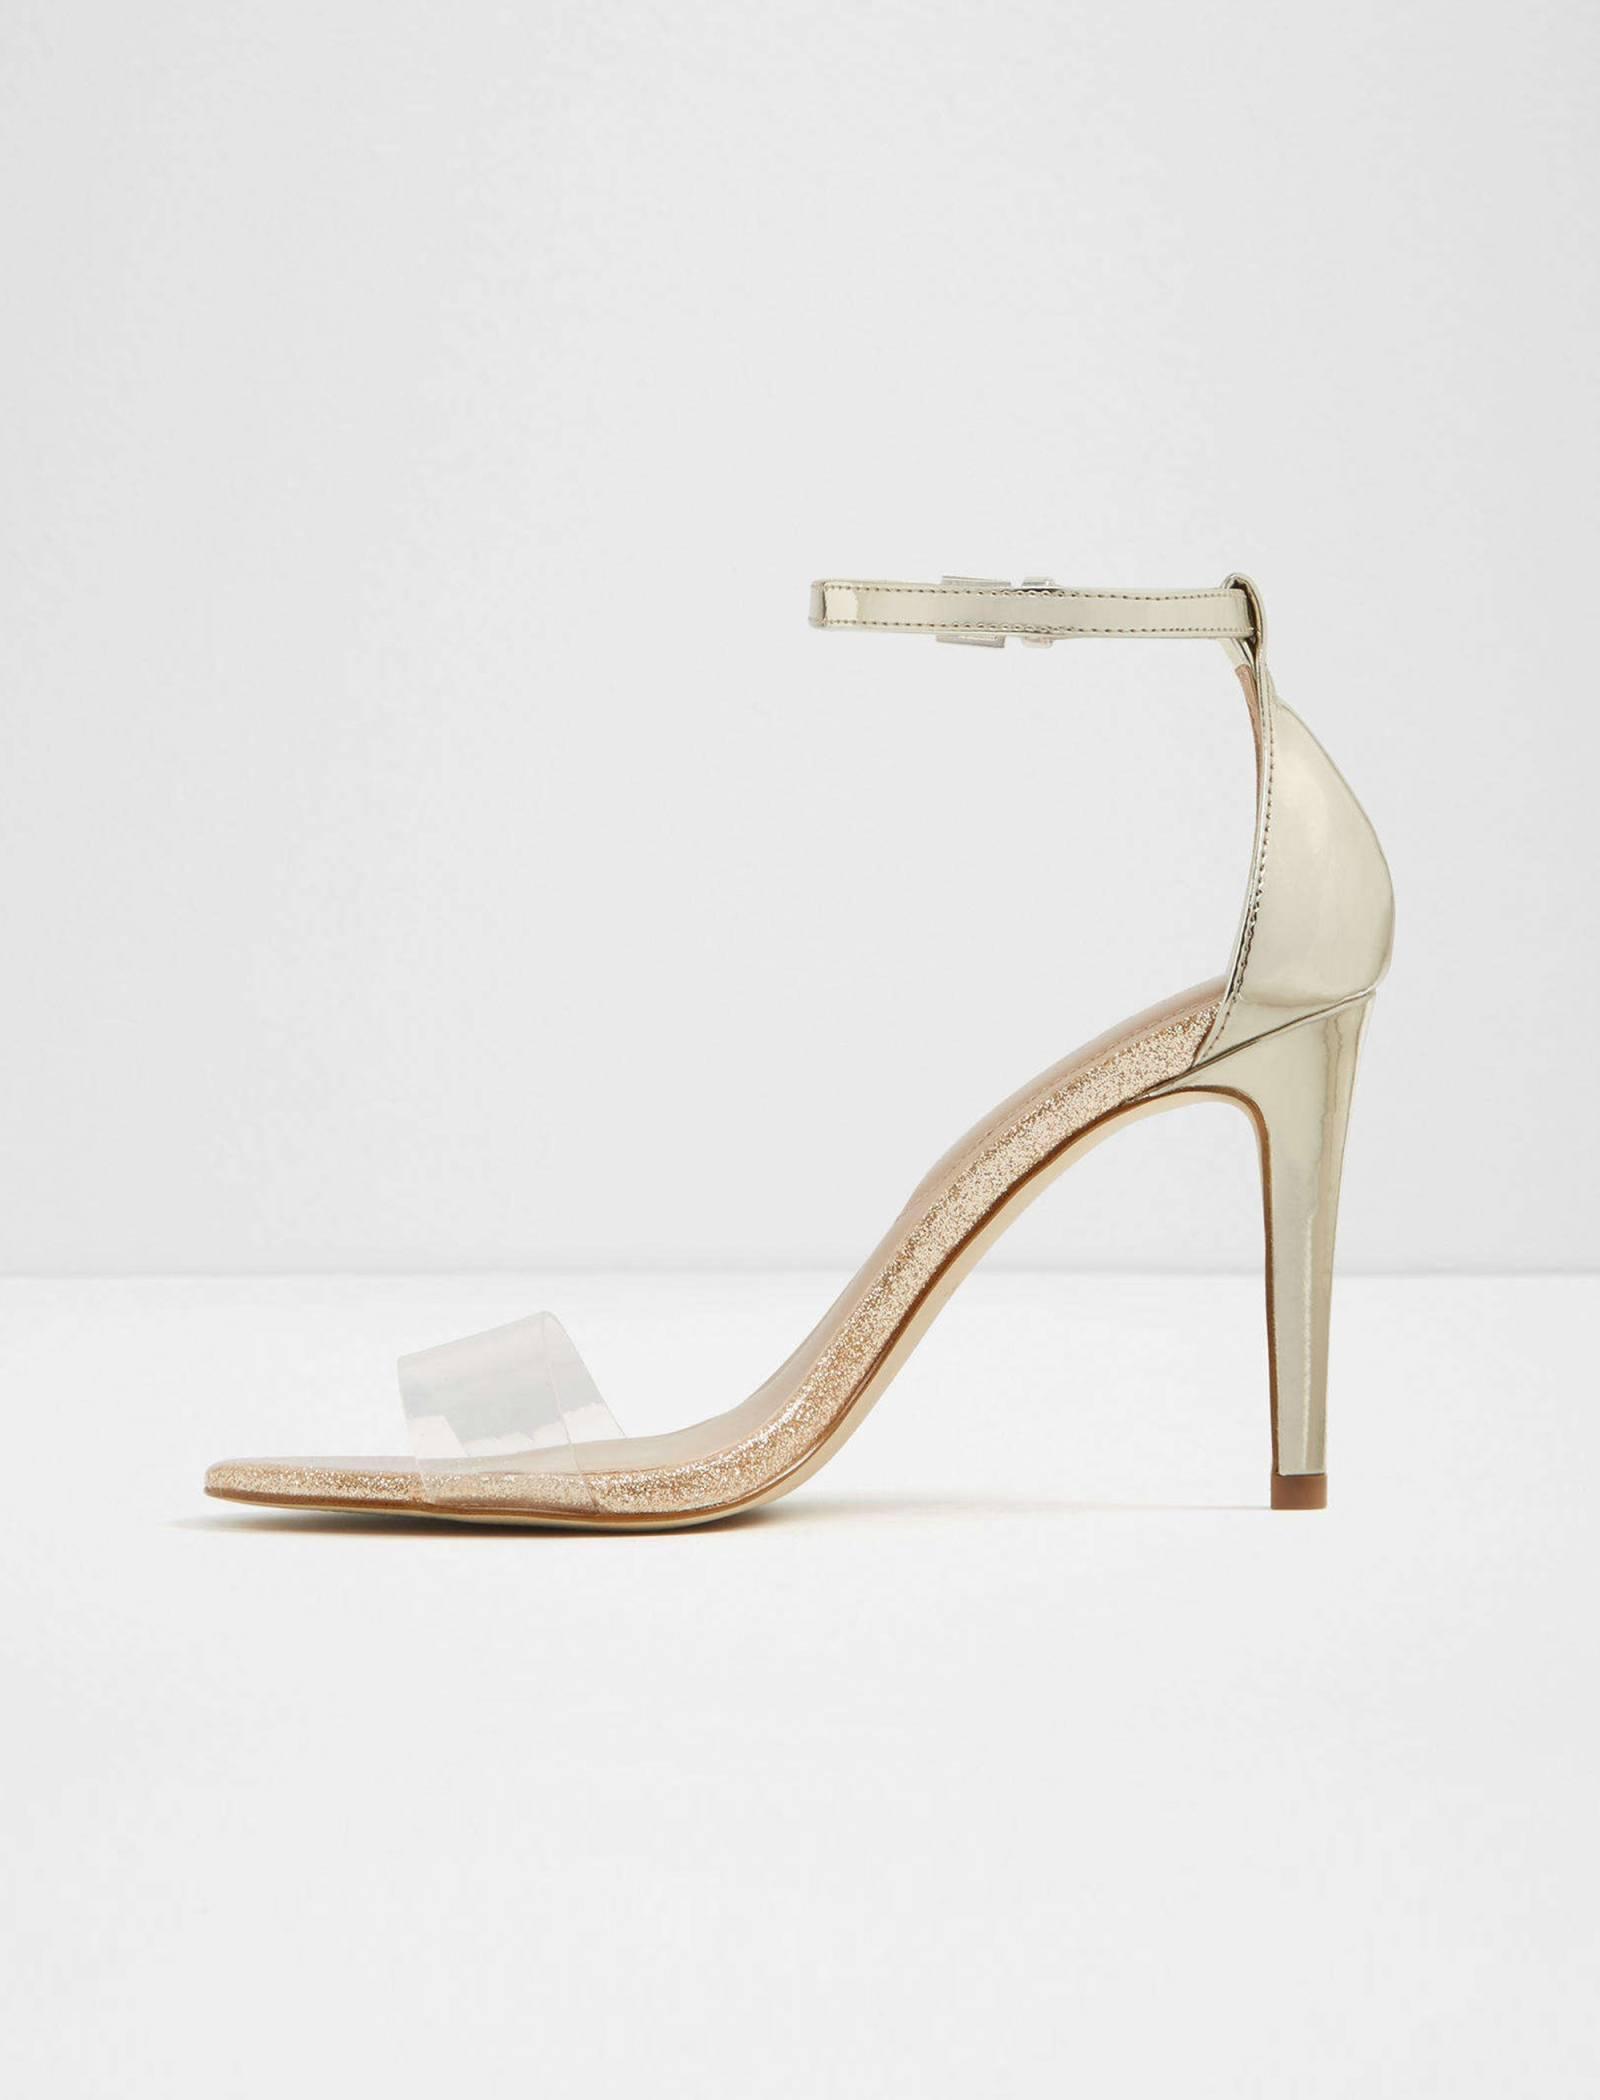 کفش پاشنه بلند زنانه - آلدو - طلايي - 2